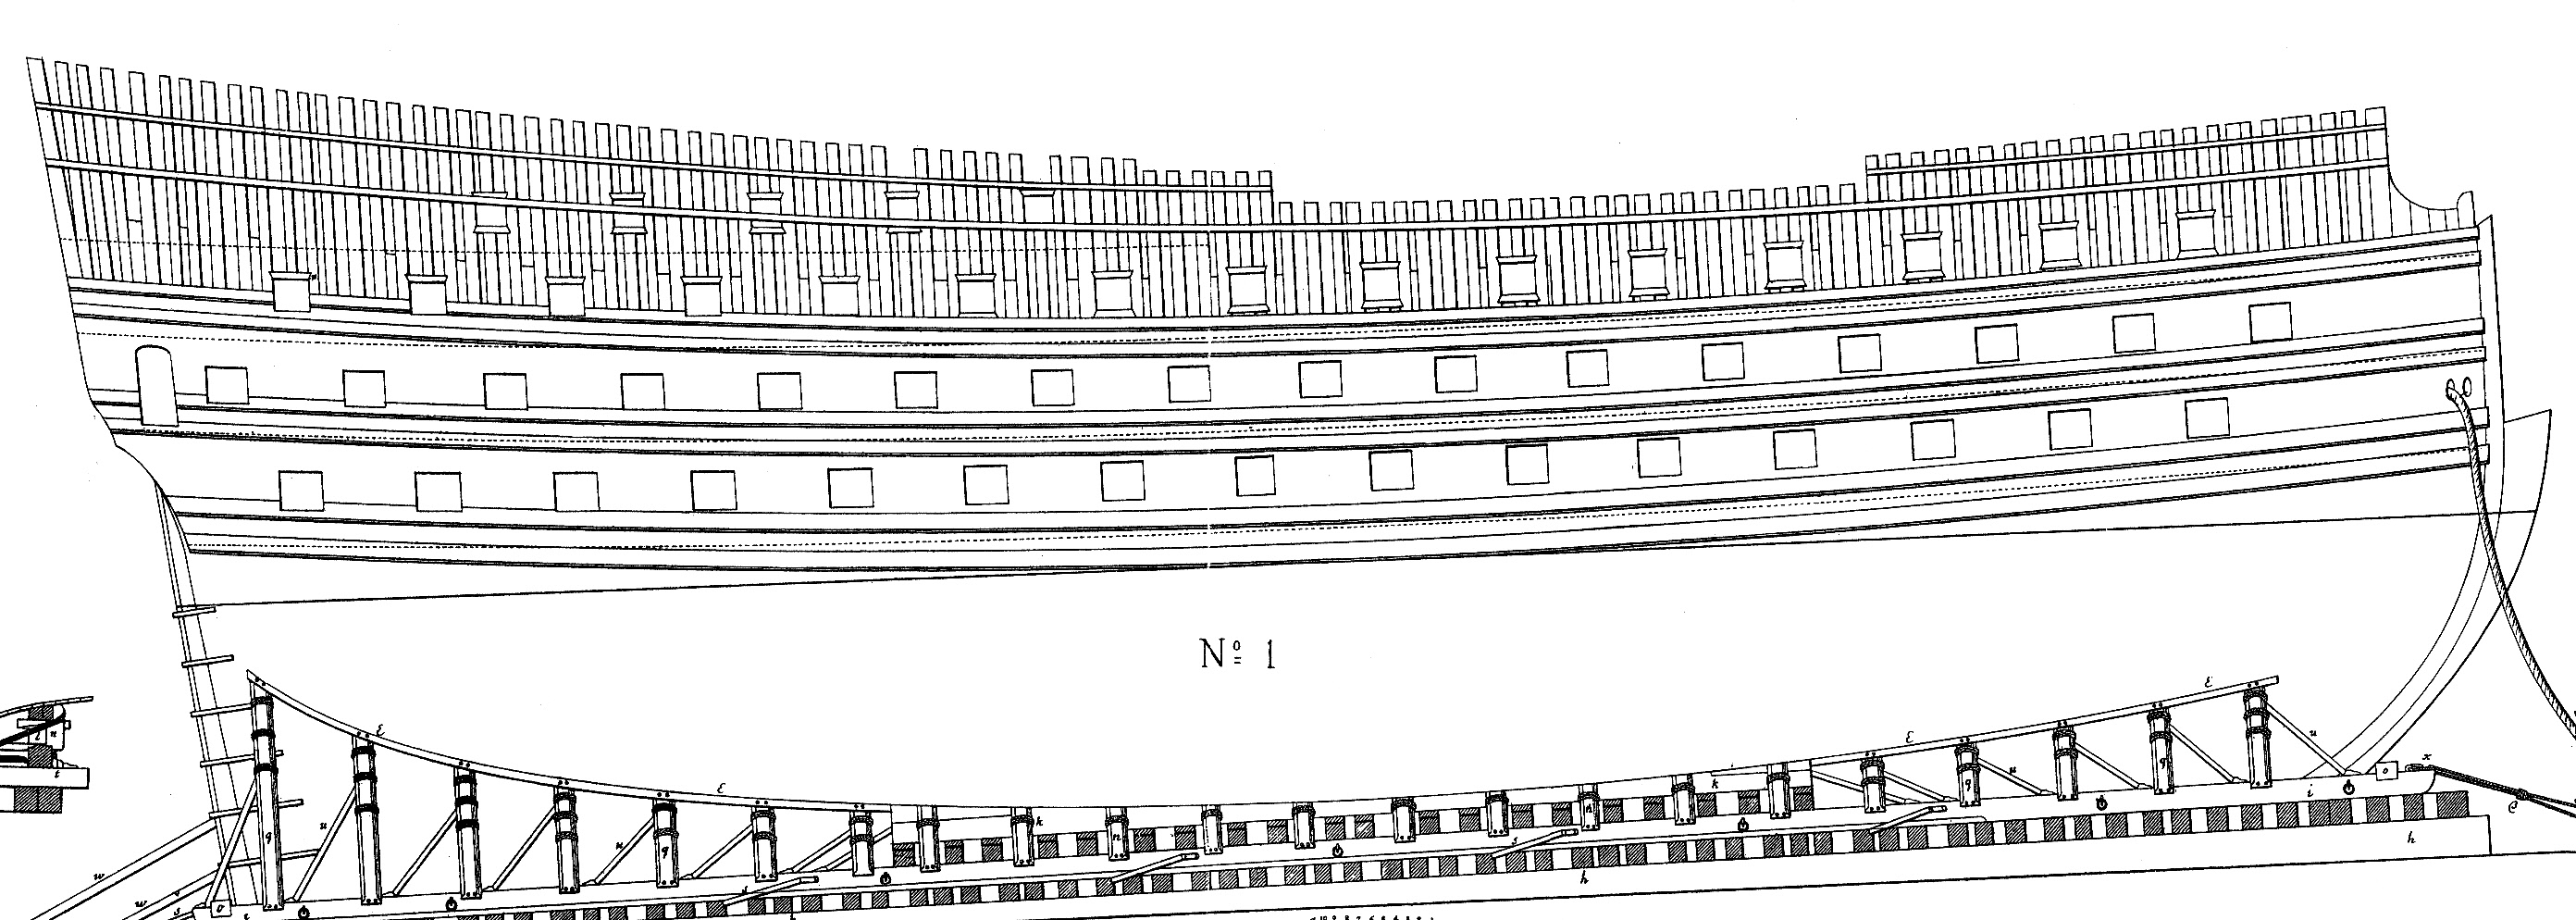 Carnet de bord du Sovereign of the Seas  - Page 4 198175TroispontsChapman